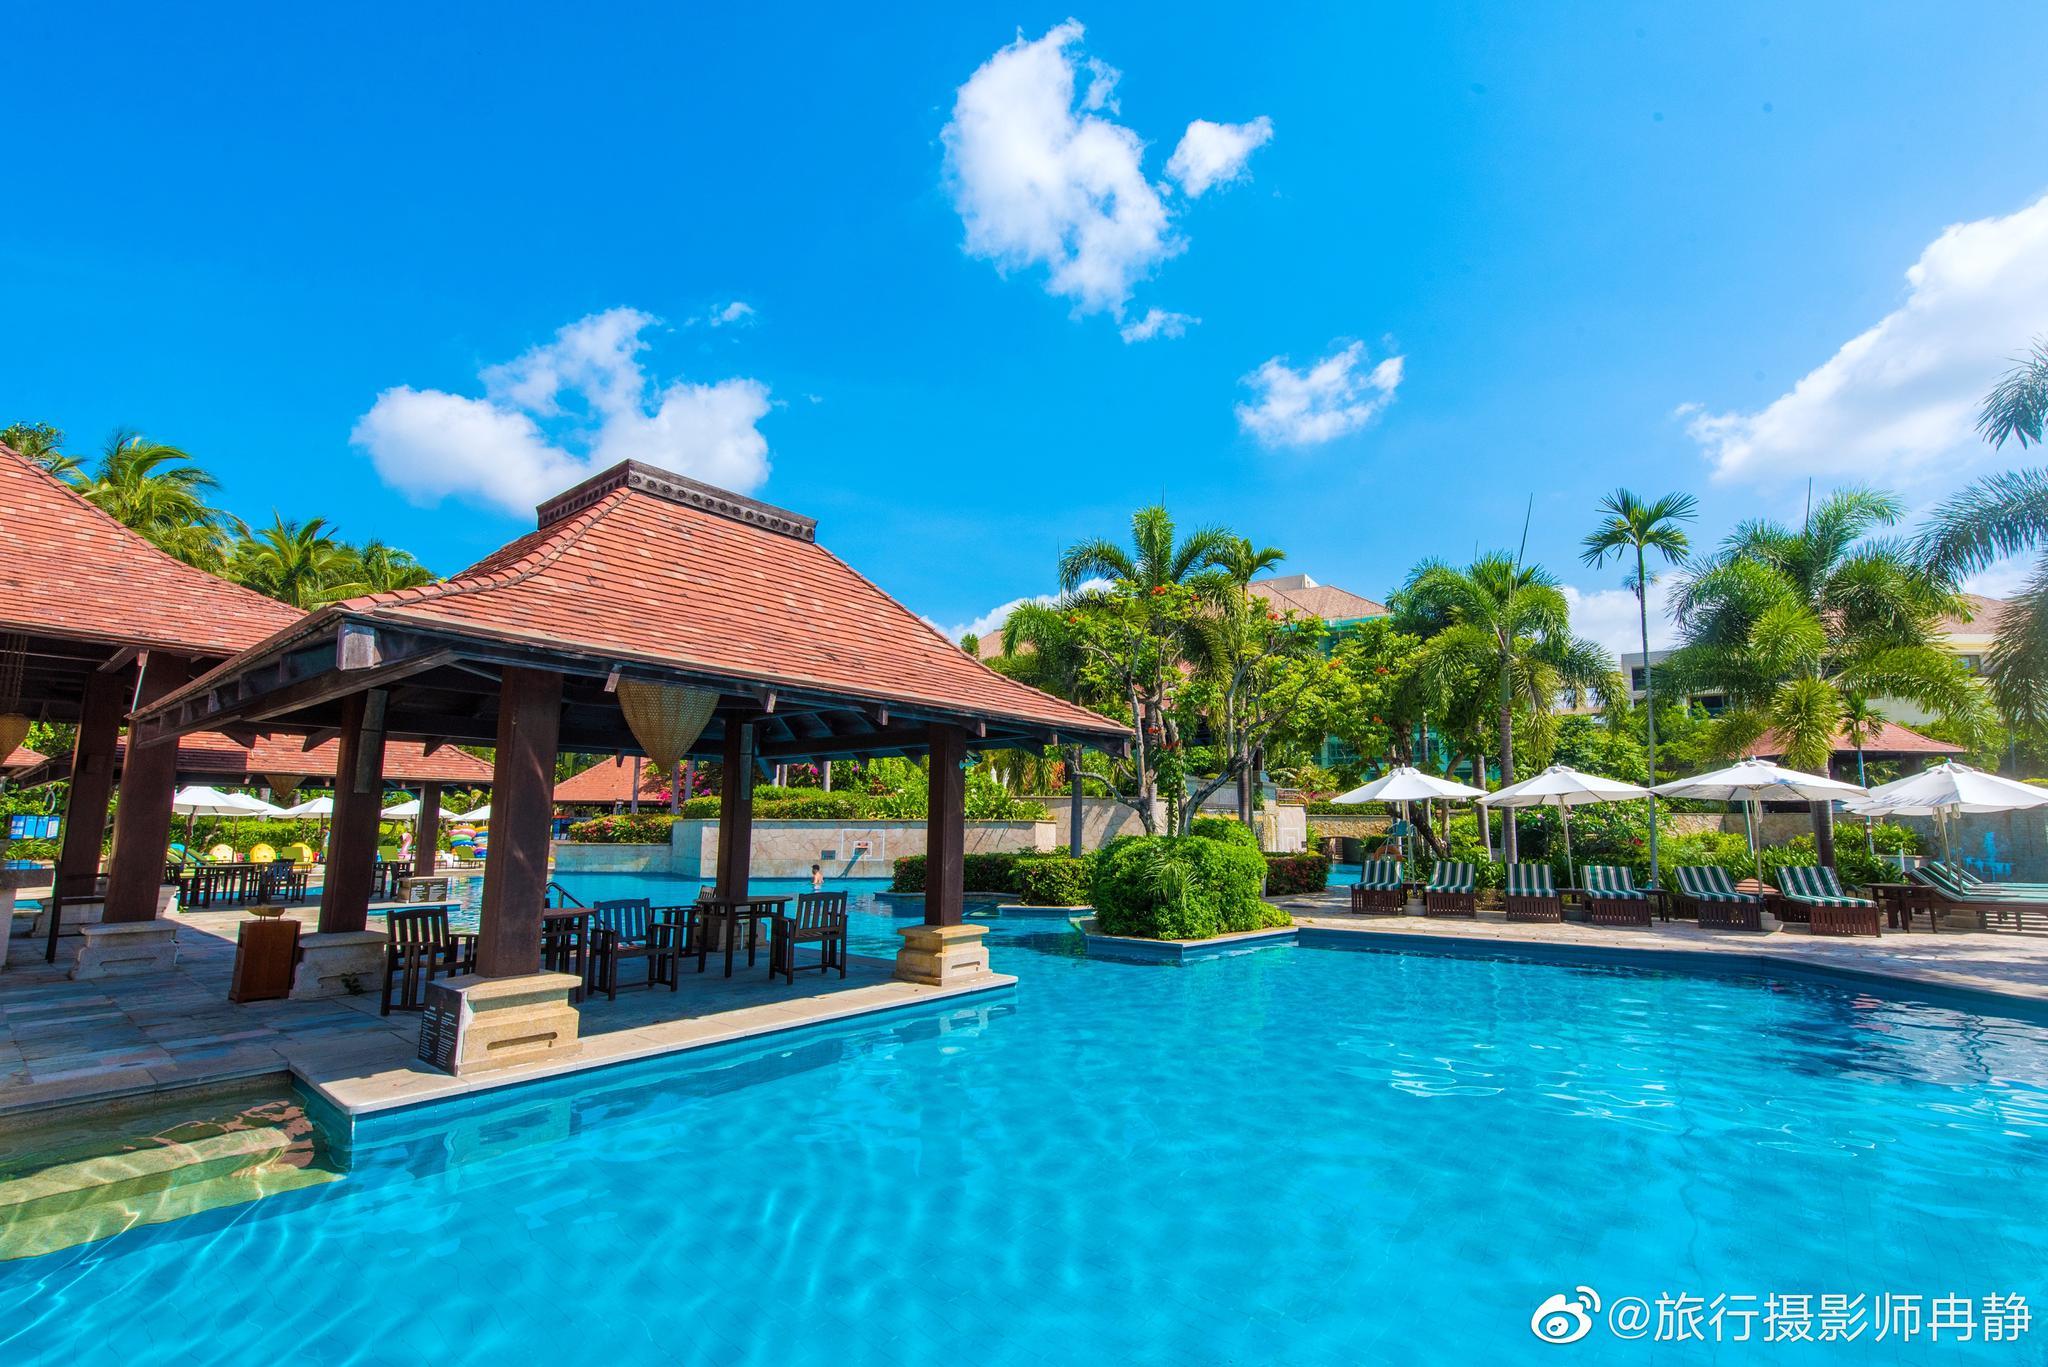 又来到亚龙湾度假区了🏖️依旧选择的是@三亚亚龙湾万豪度假酒店